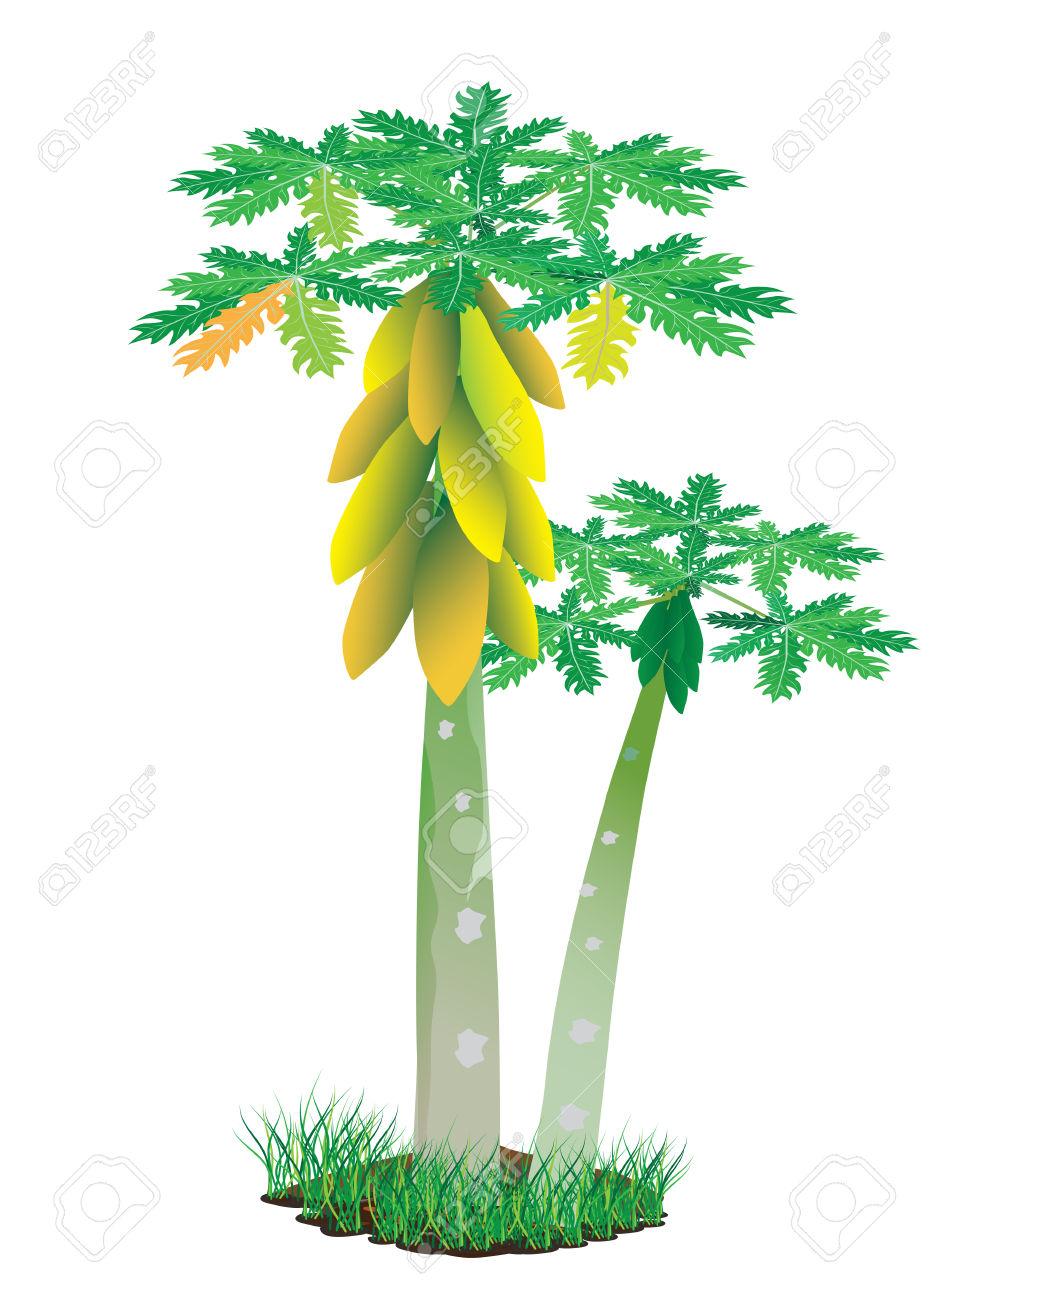 Papaya tree clipart.